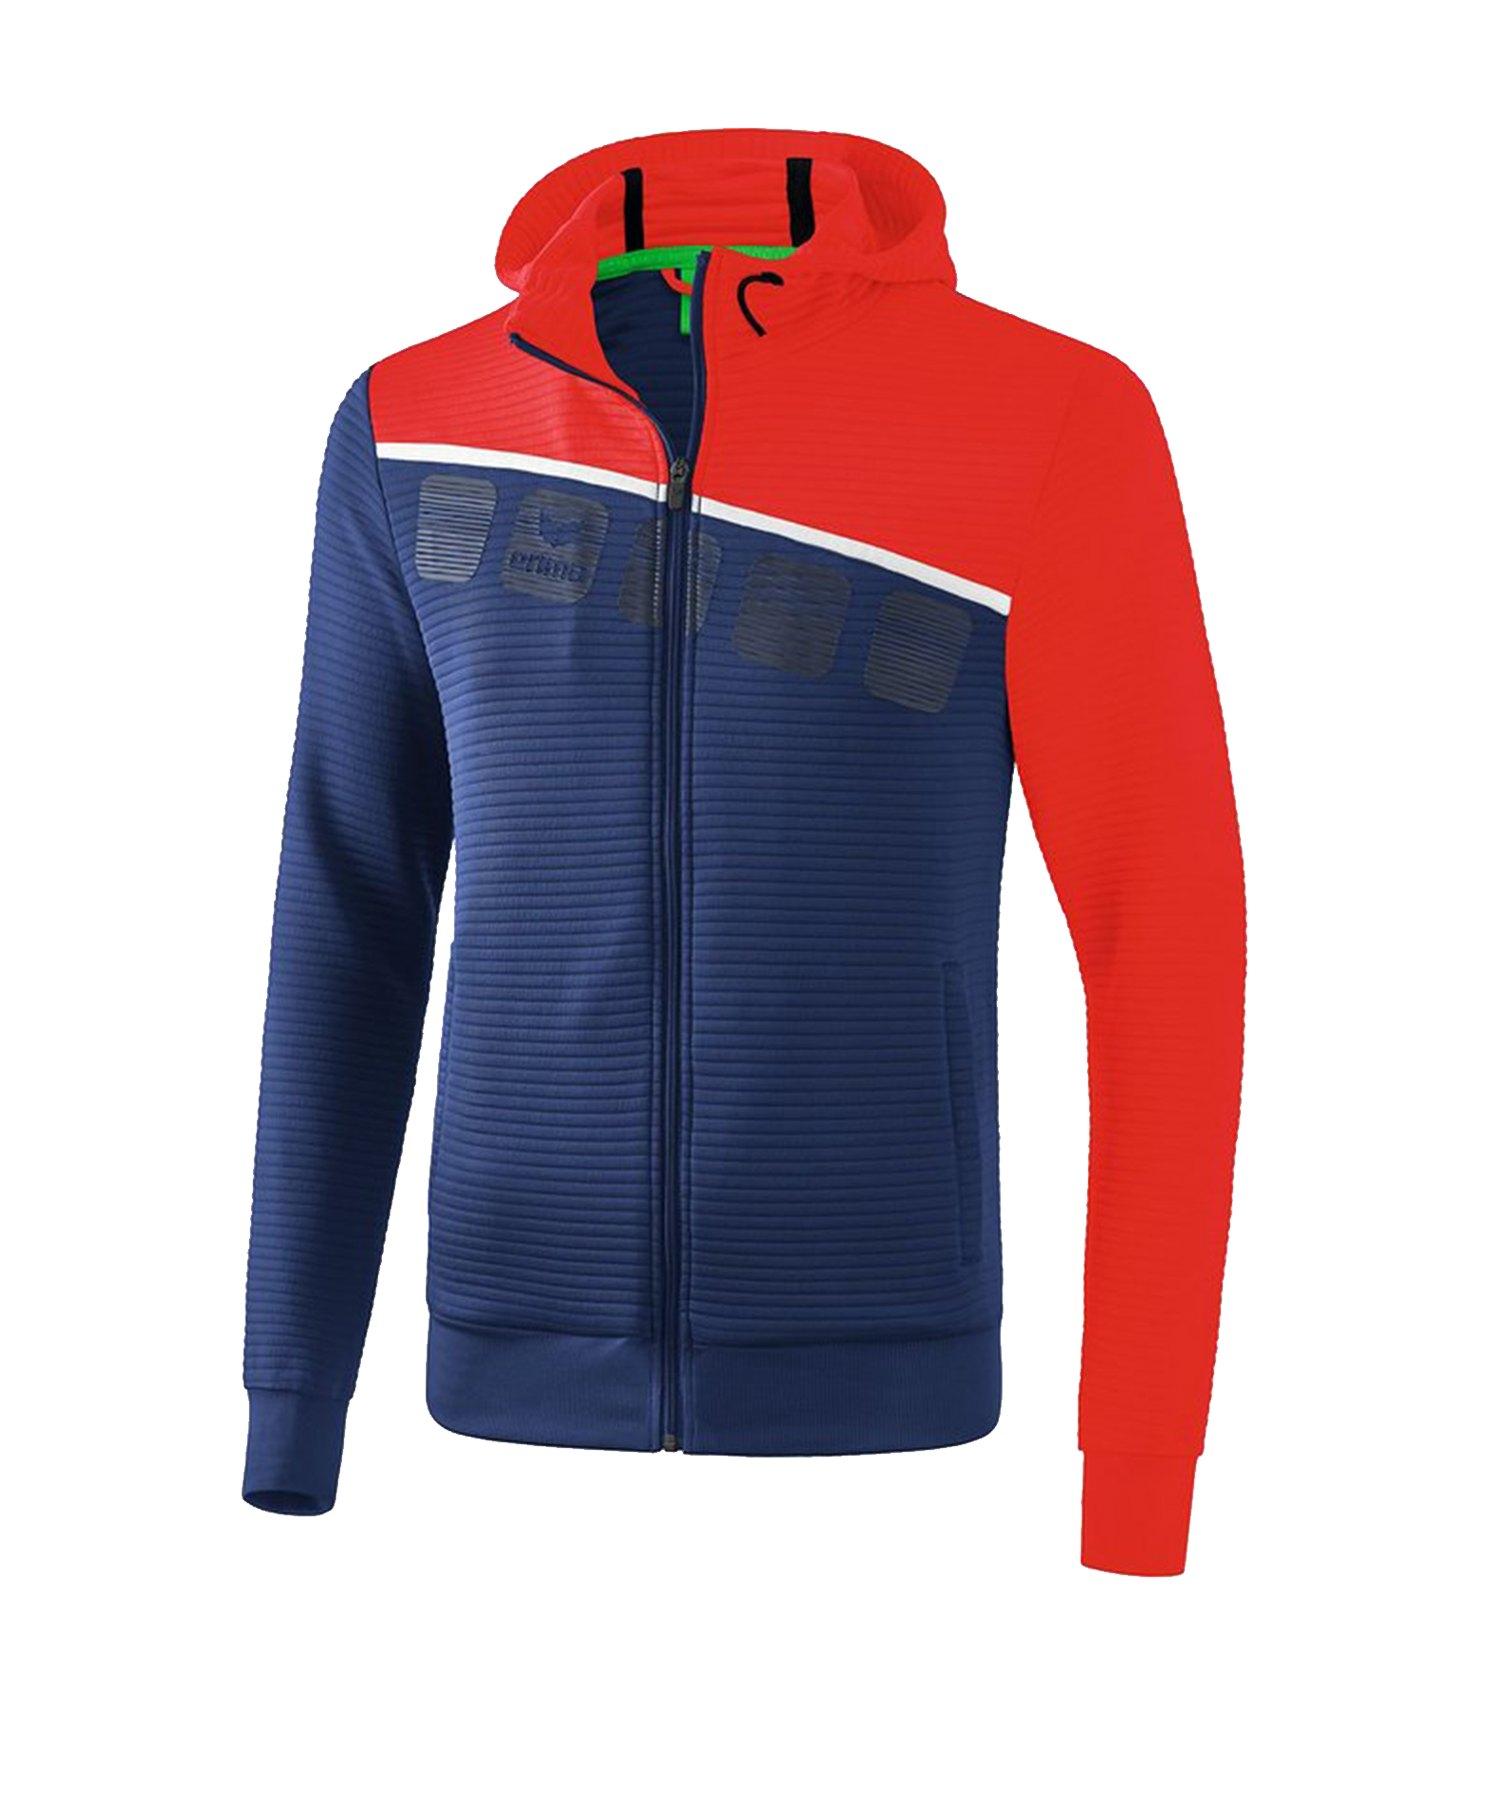 Erima 5-C Trainingsjacke mit Kapuze Kids Blau Rot - Blau